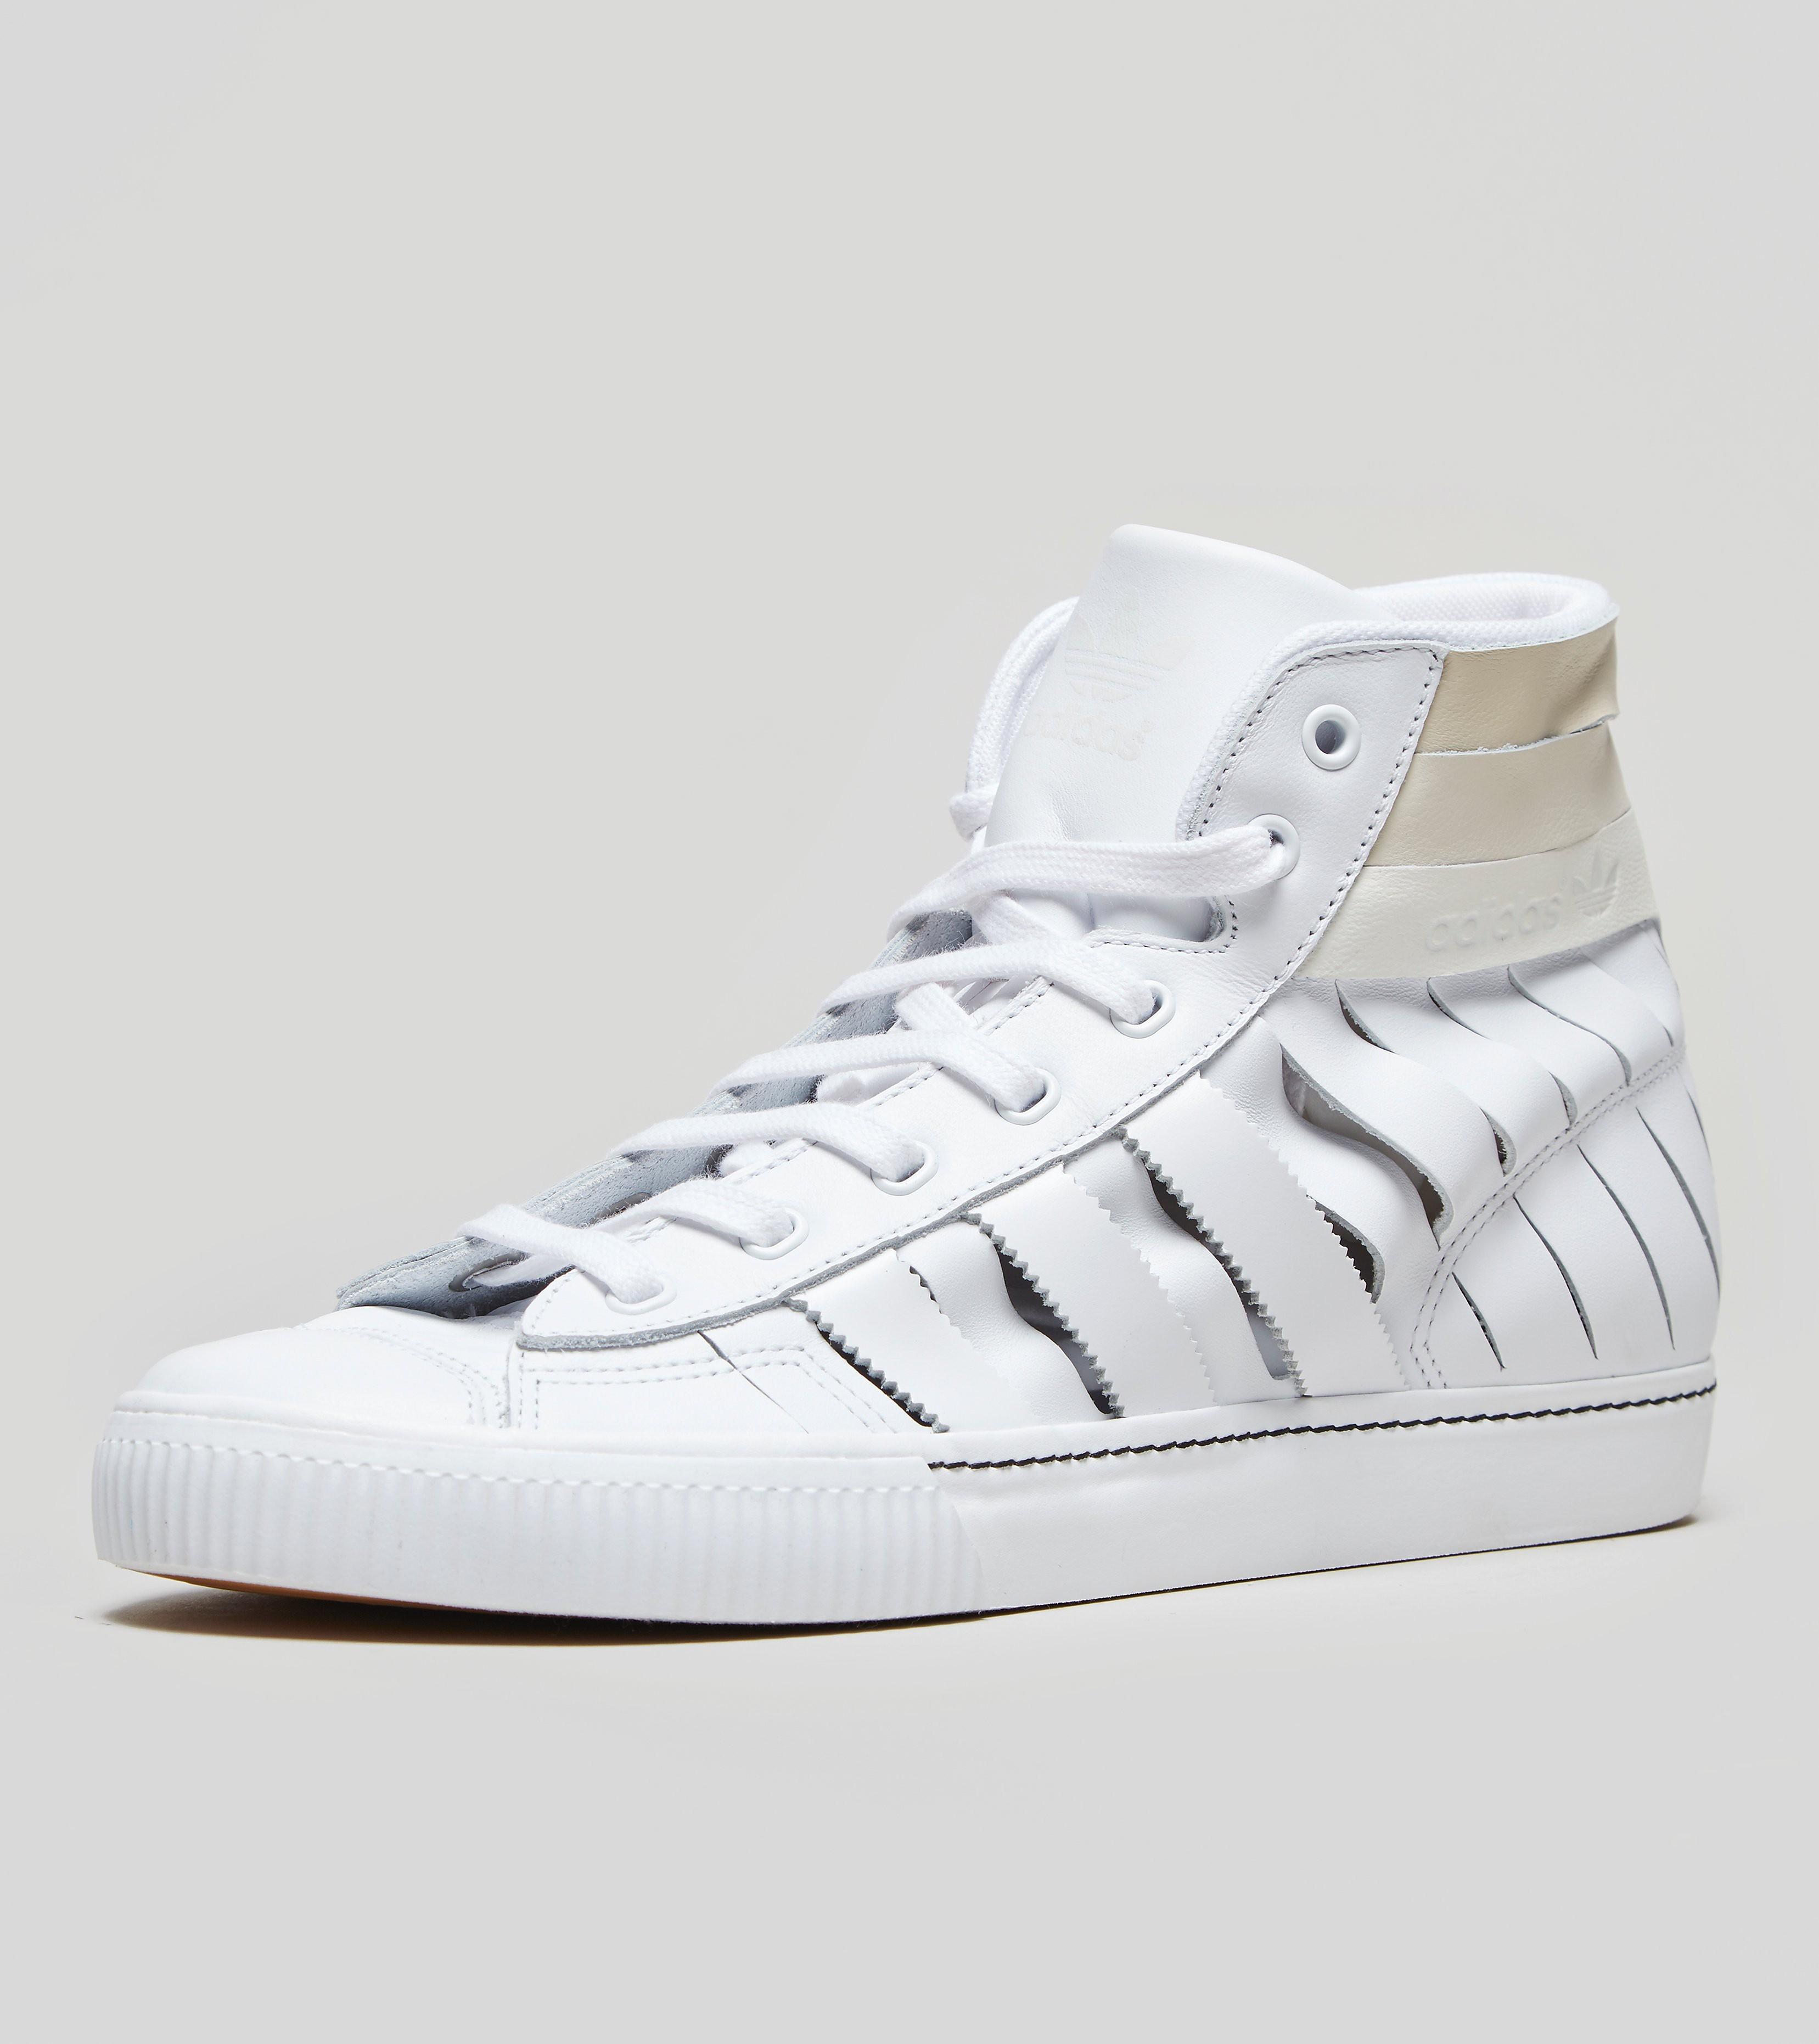 adidas Originals Aditennis Hi Luxury Open